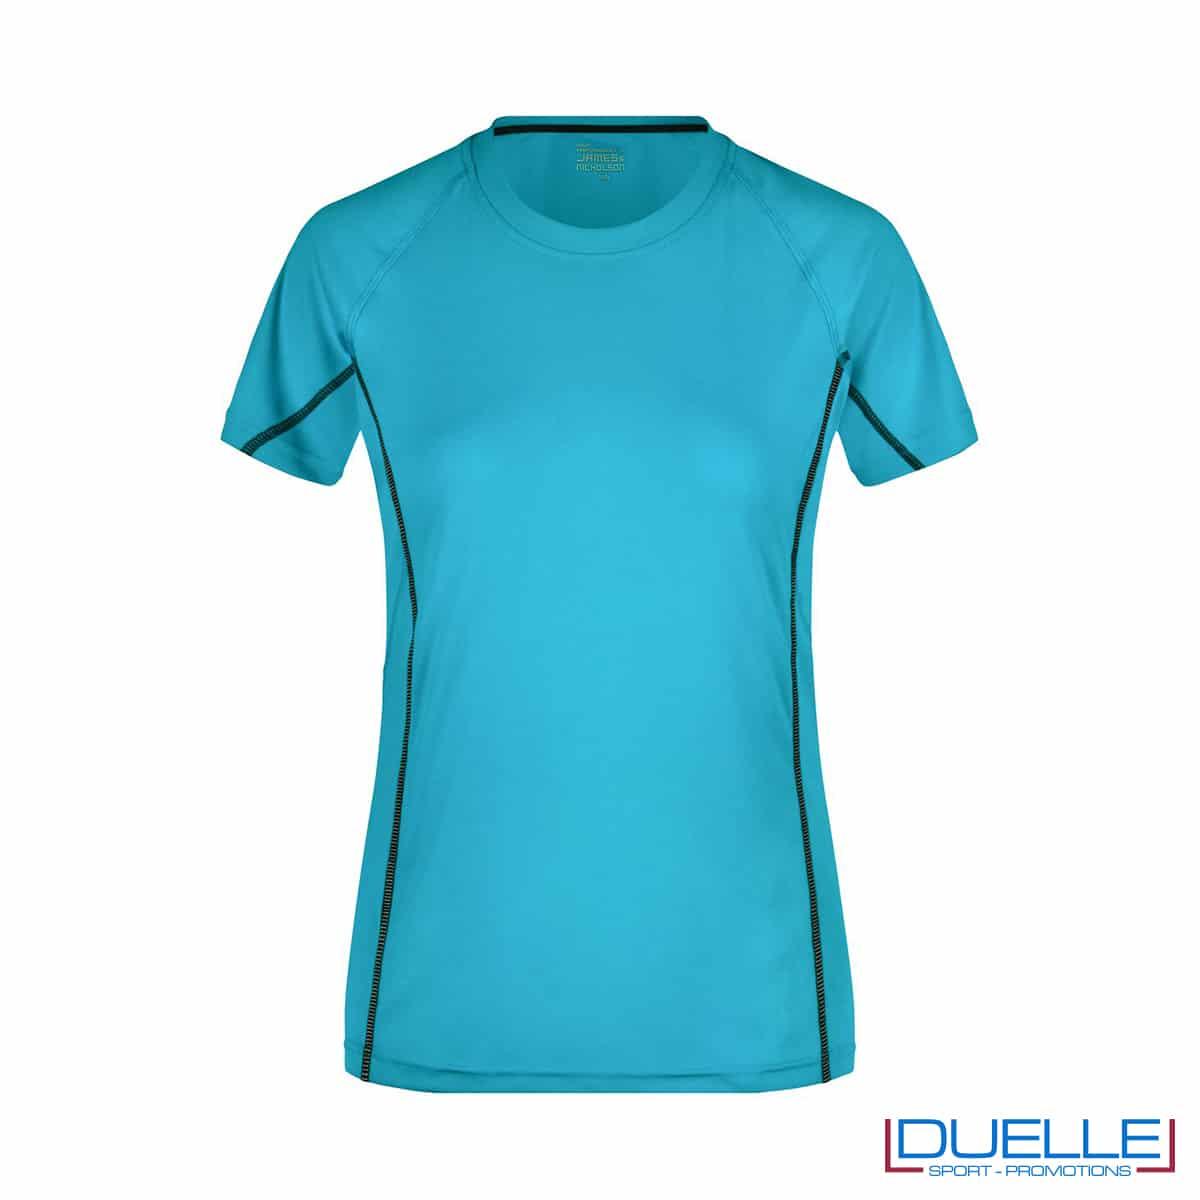 Maglia running Coolmax donna colore azzurro personalizzata